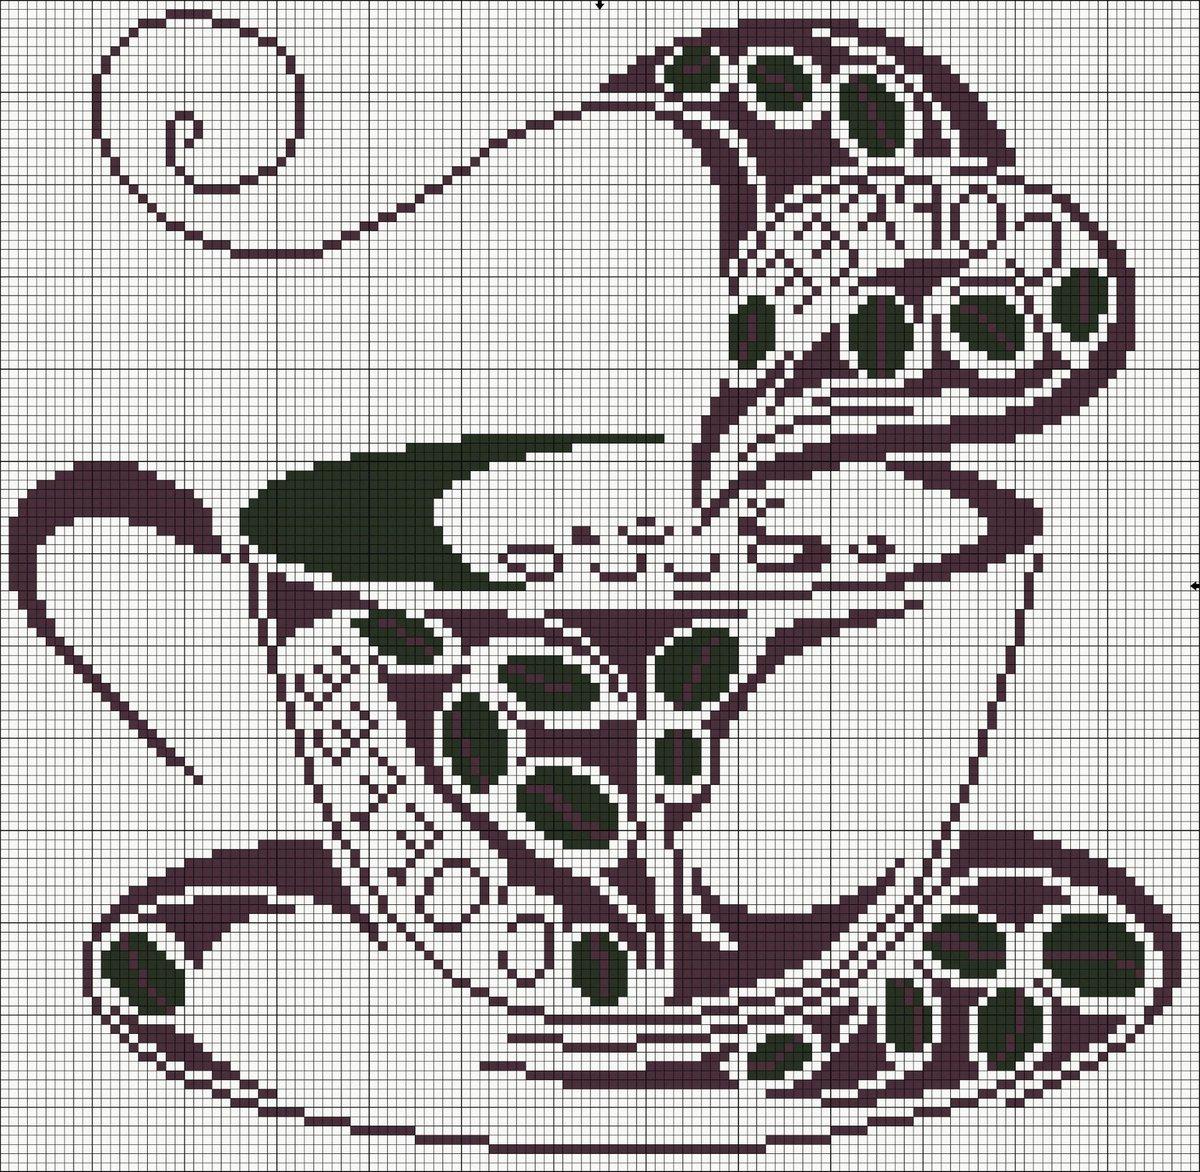 Вышивка кофе схемы 93